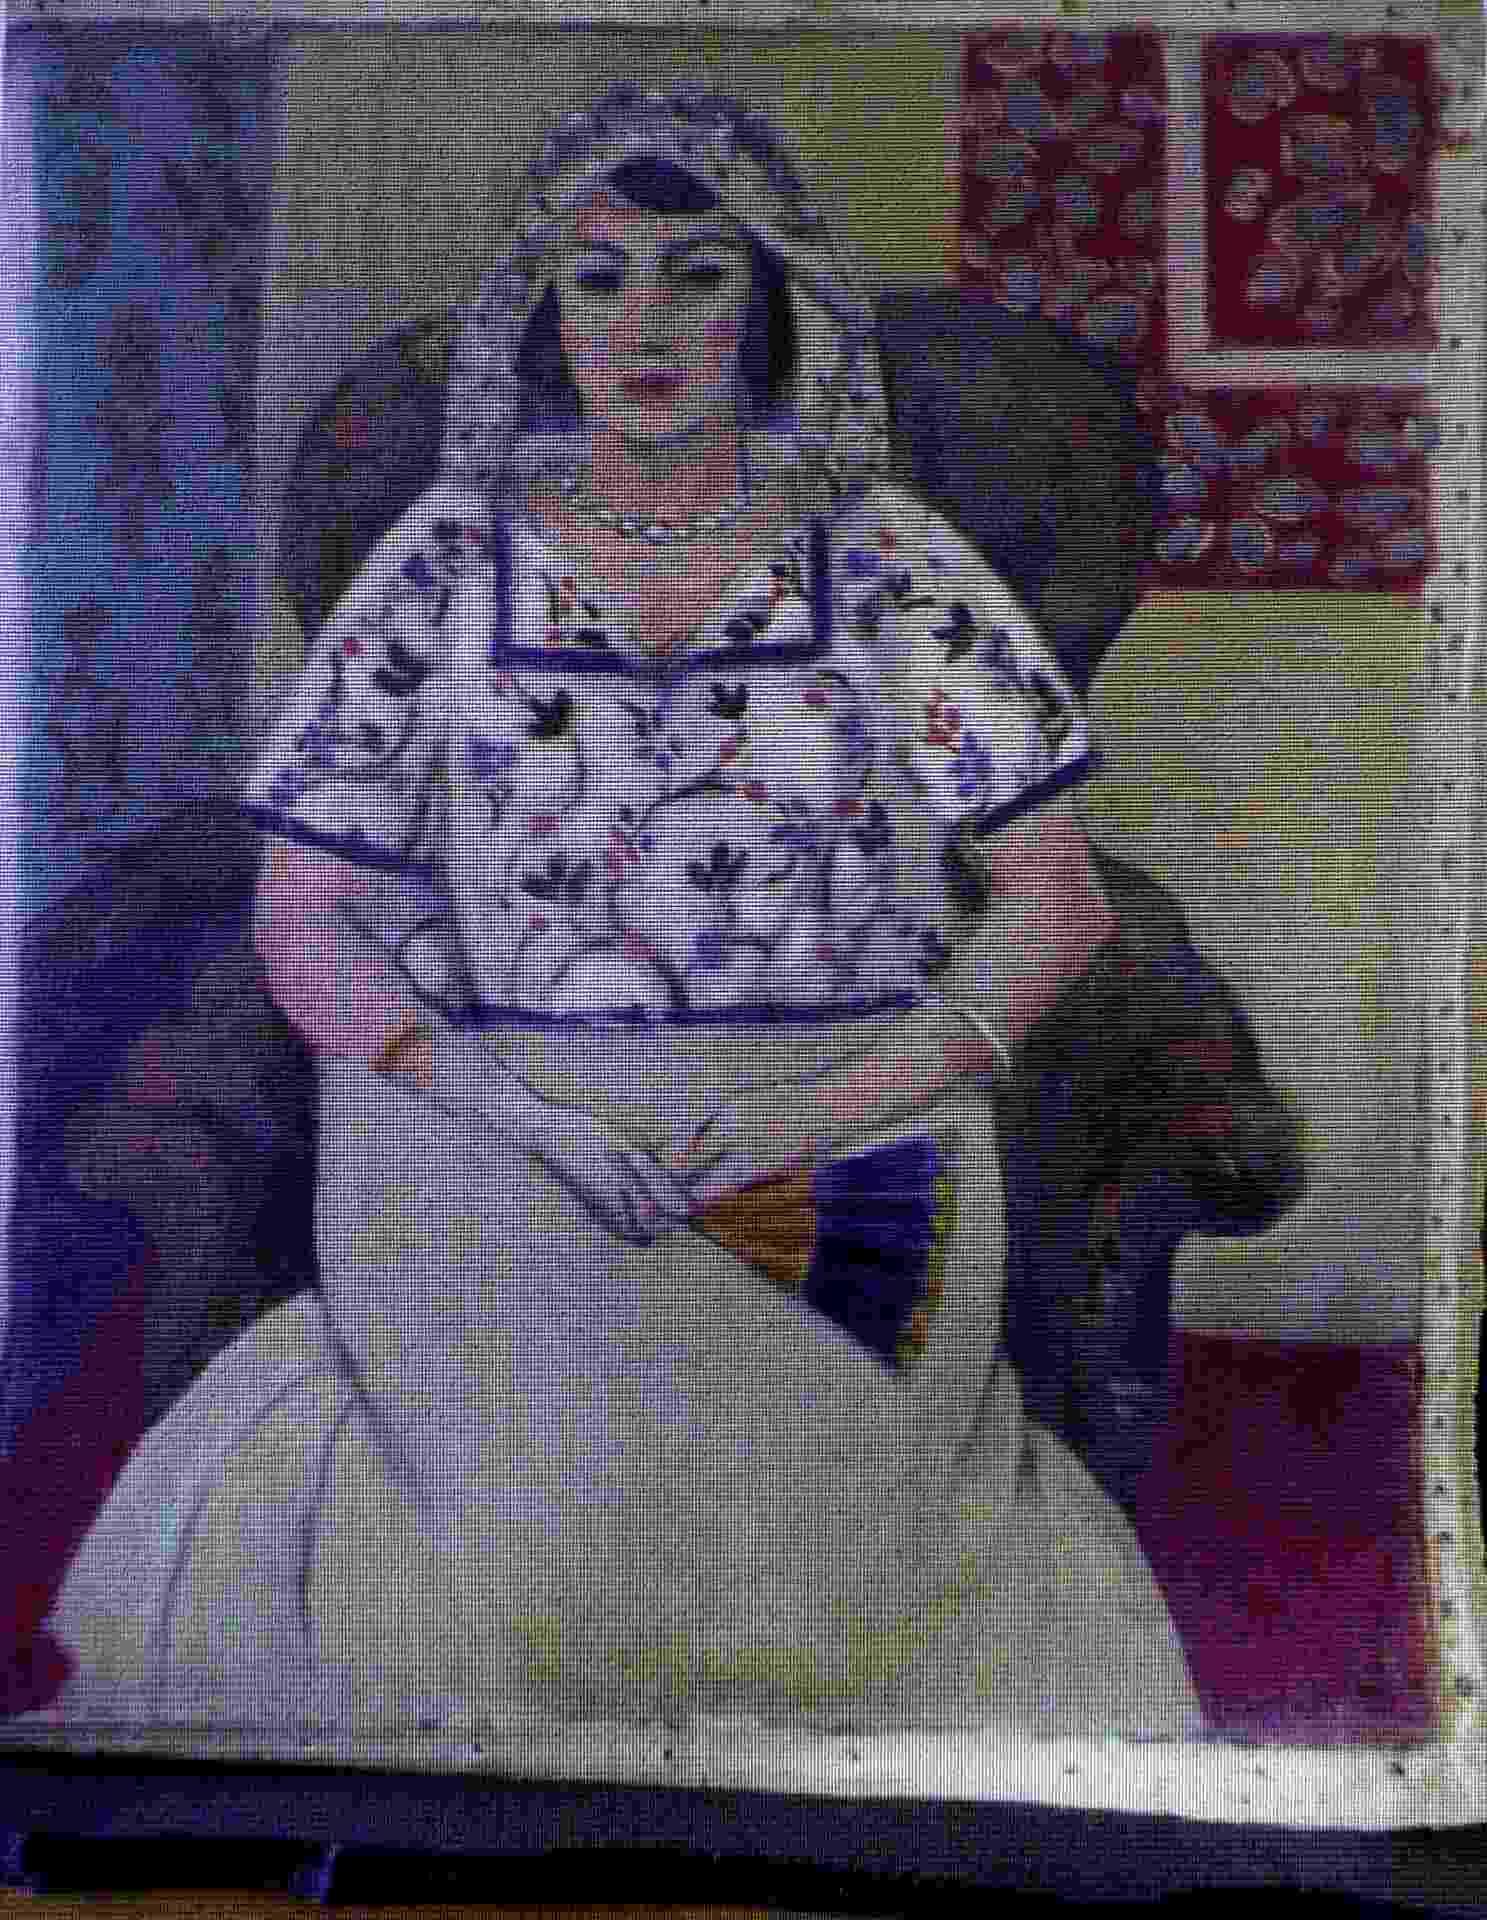 """5.nov.2013 - Reprodução de uma pintura do francês Henri Matisse entitulada """"Mulher Sentada"""", é é mostrada durante uma entrevista coletiva em Augsburgo, no sul da Alemanha, sobre a descoberta de mais de 1.400 obras de arte no apartamento de Cornelius Gurlitt em Munique - Christof Stache/AFP"""